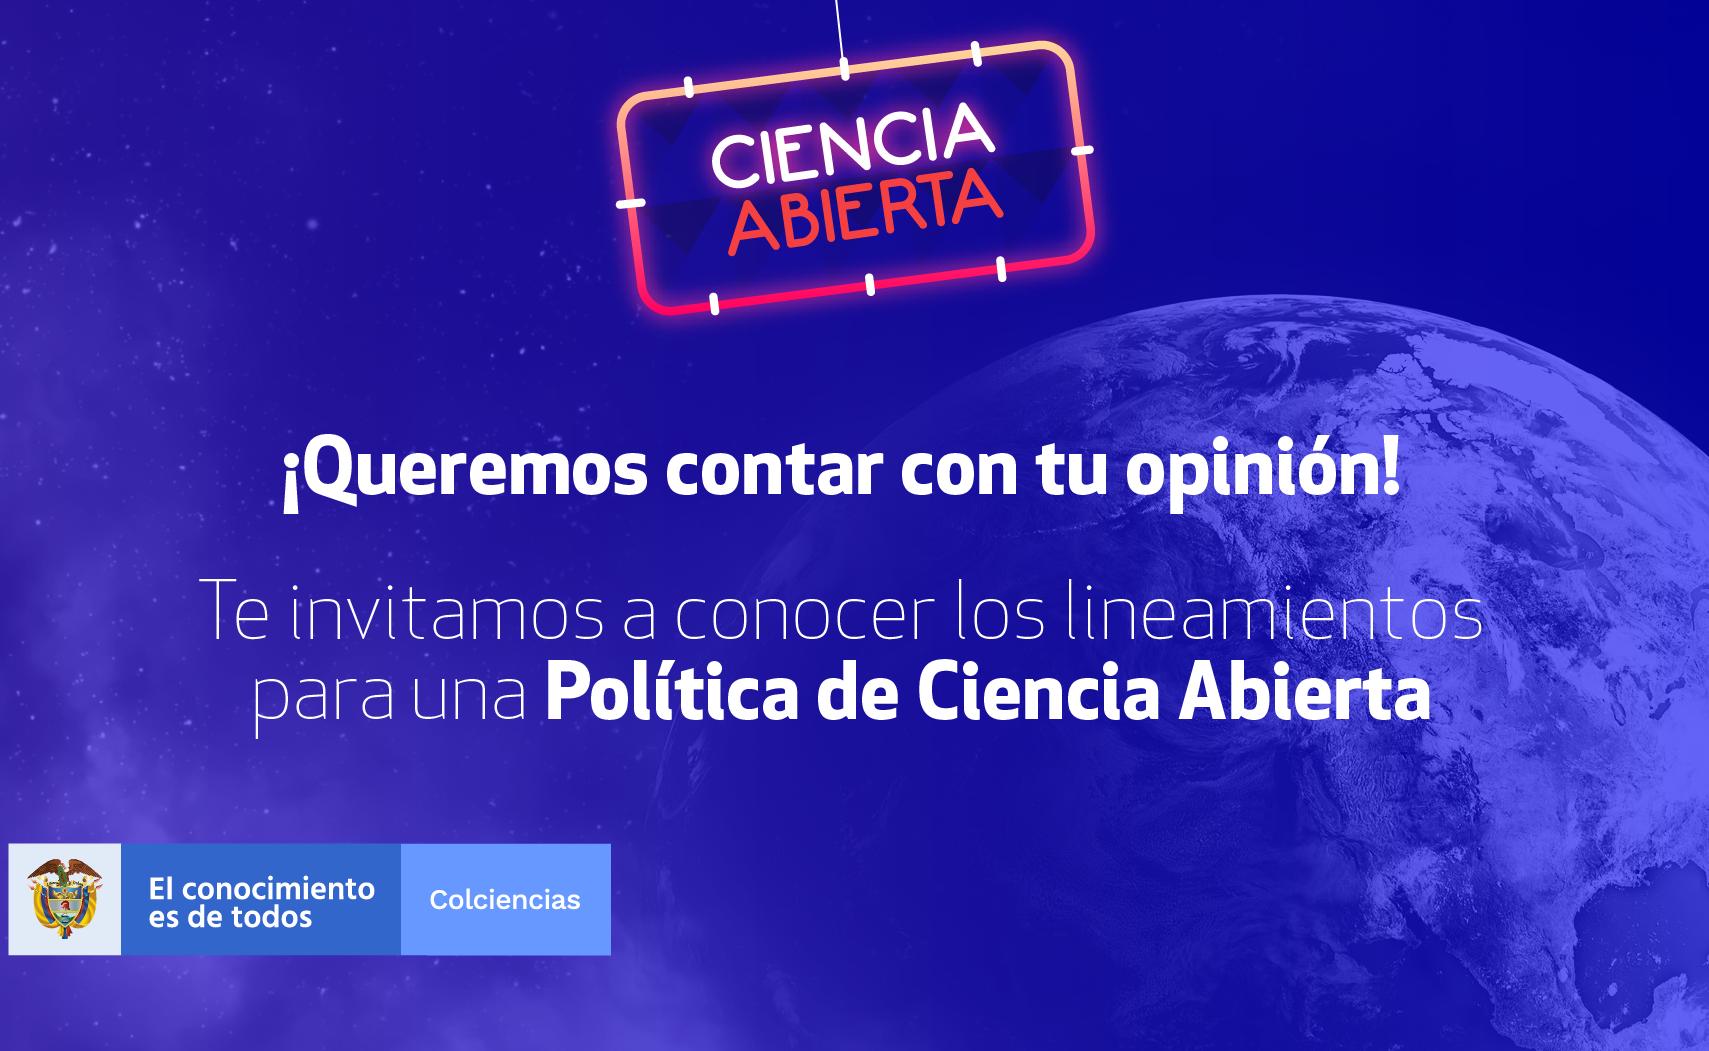 Participa en política de ciencia abierta